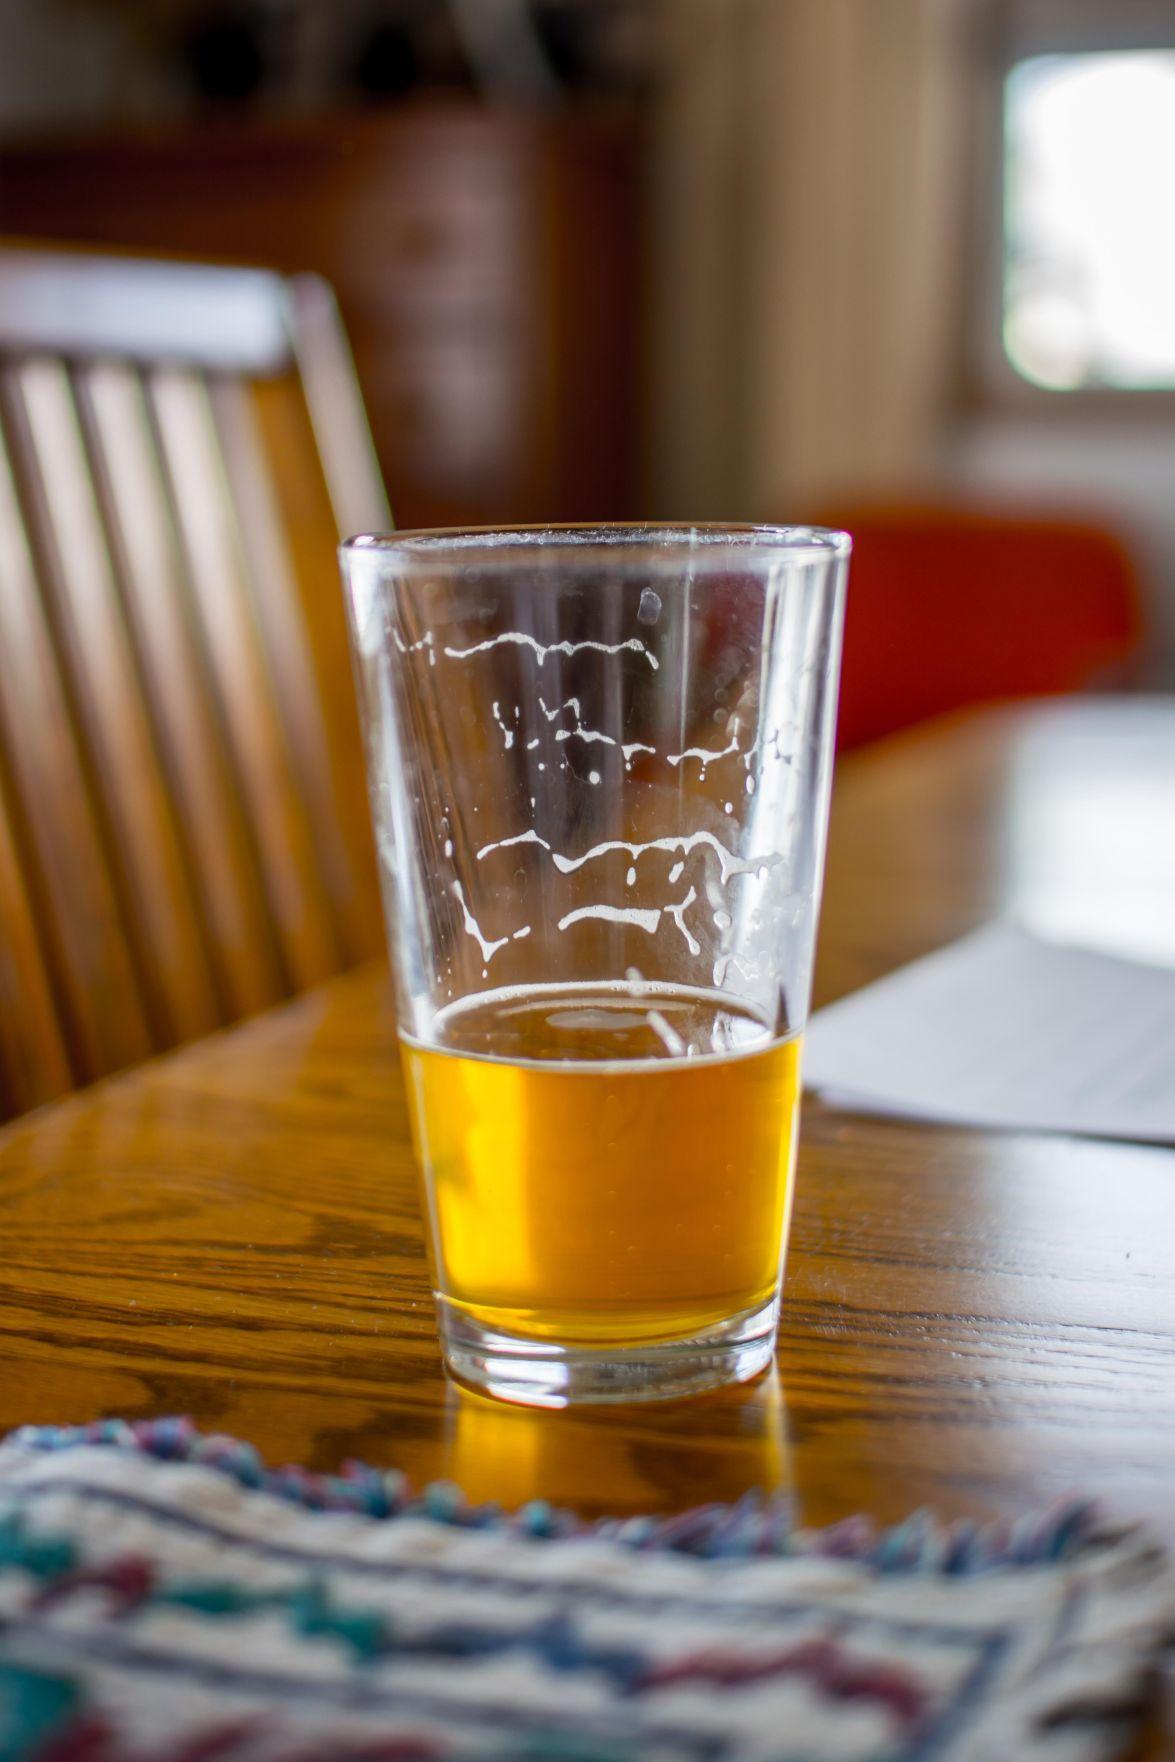 Beer Giant Sheetz get liquor licenses in